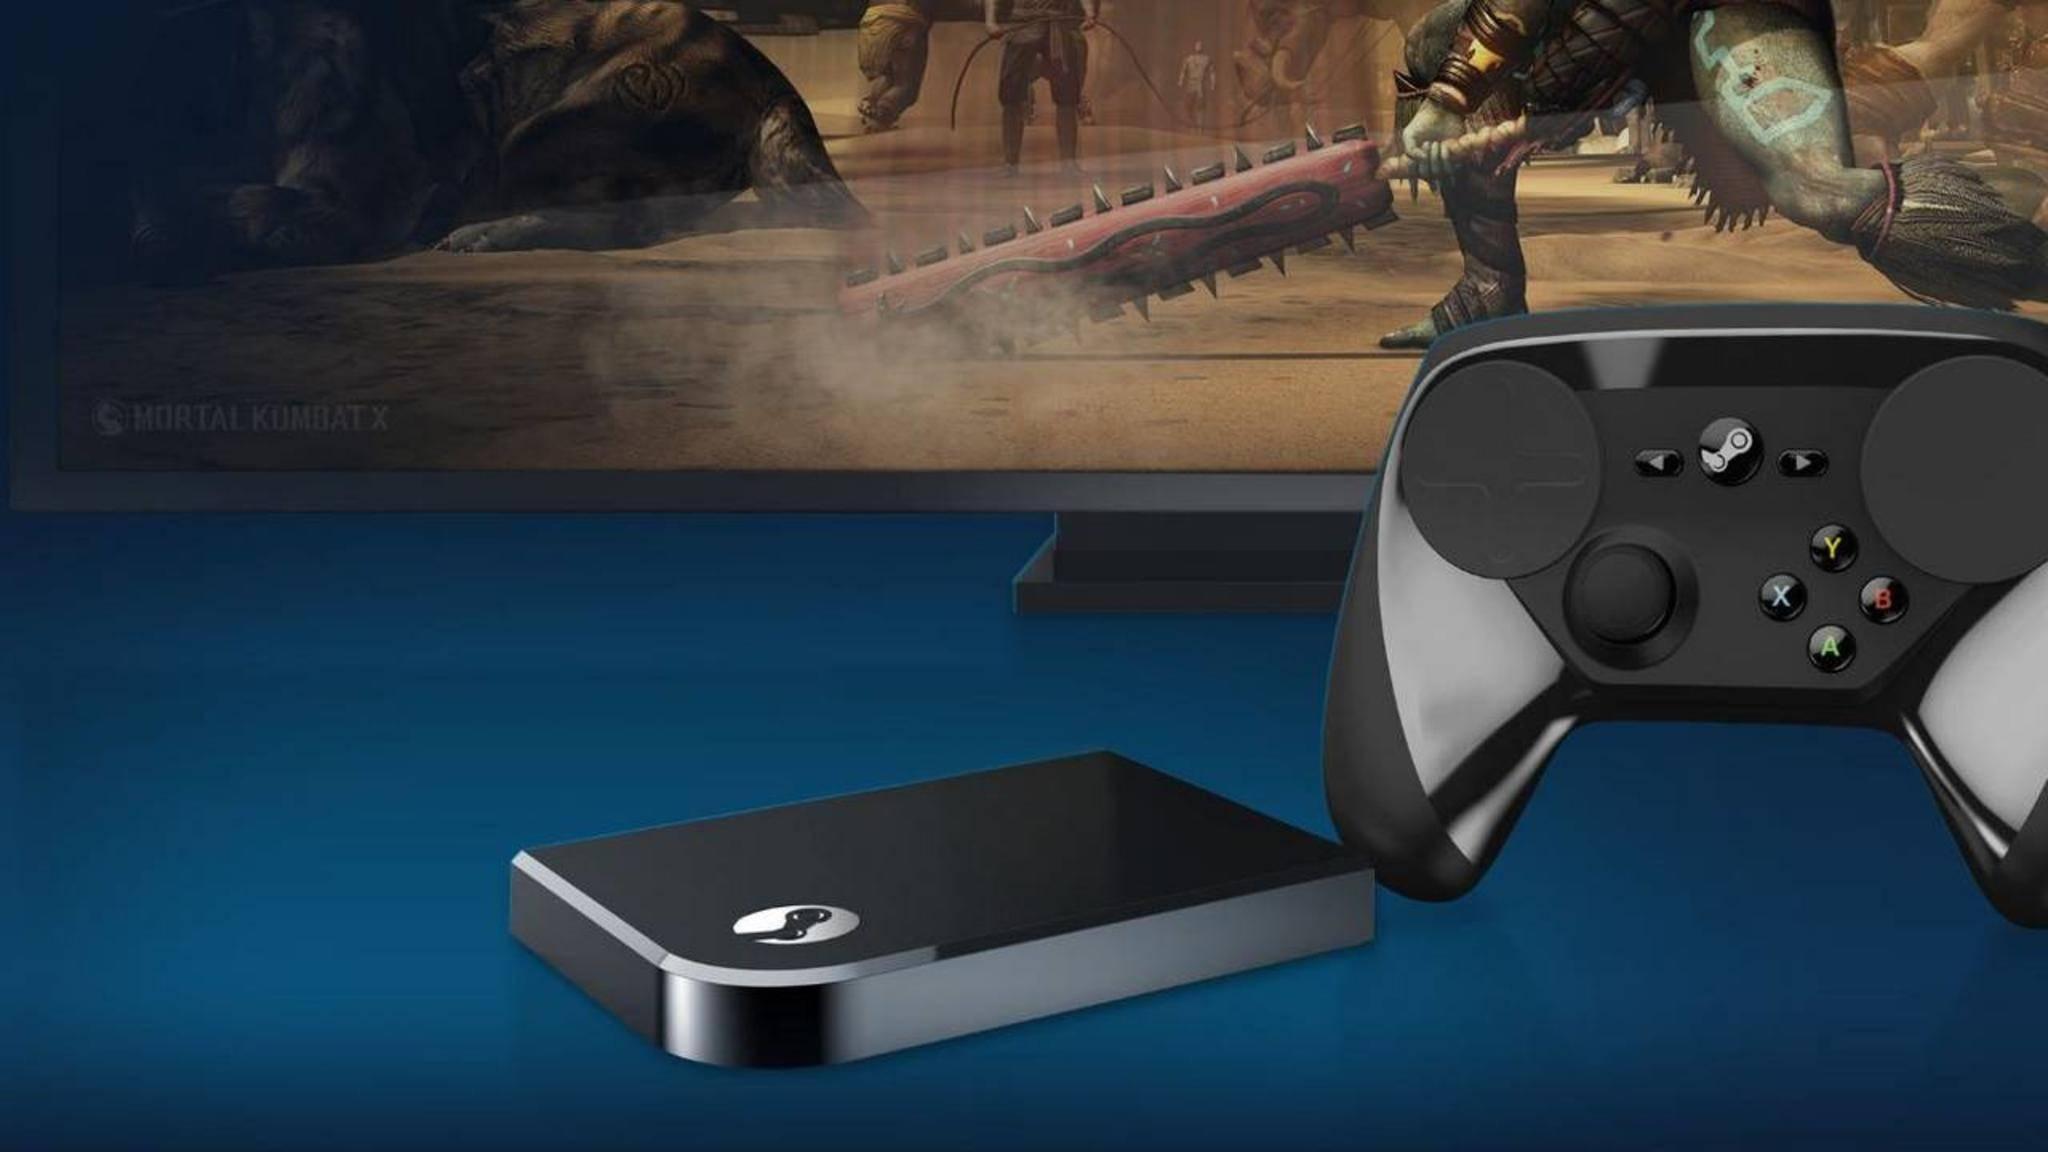 Der Steam Link soll künftig in Smart TVs von Samsung eingebaut werden.